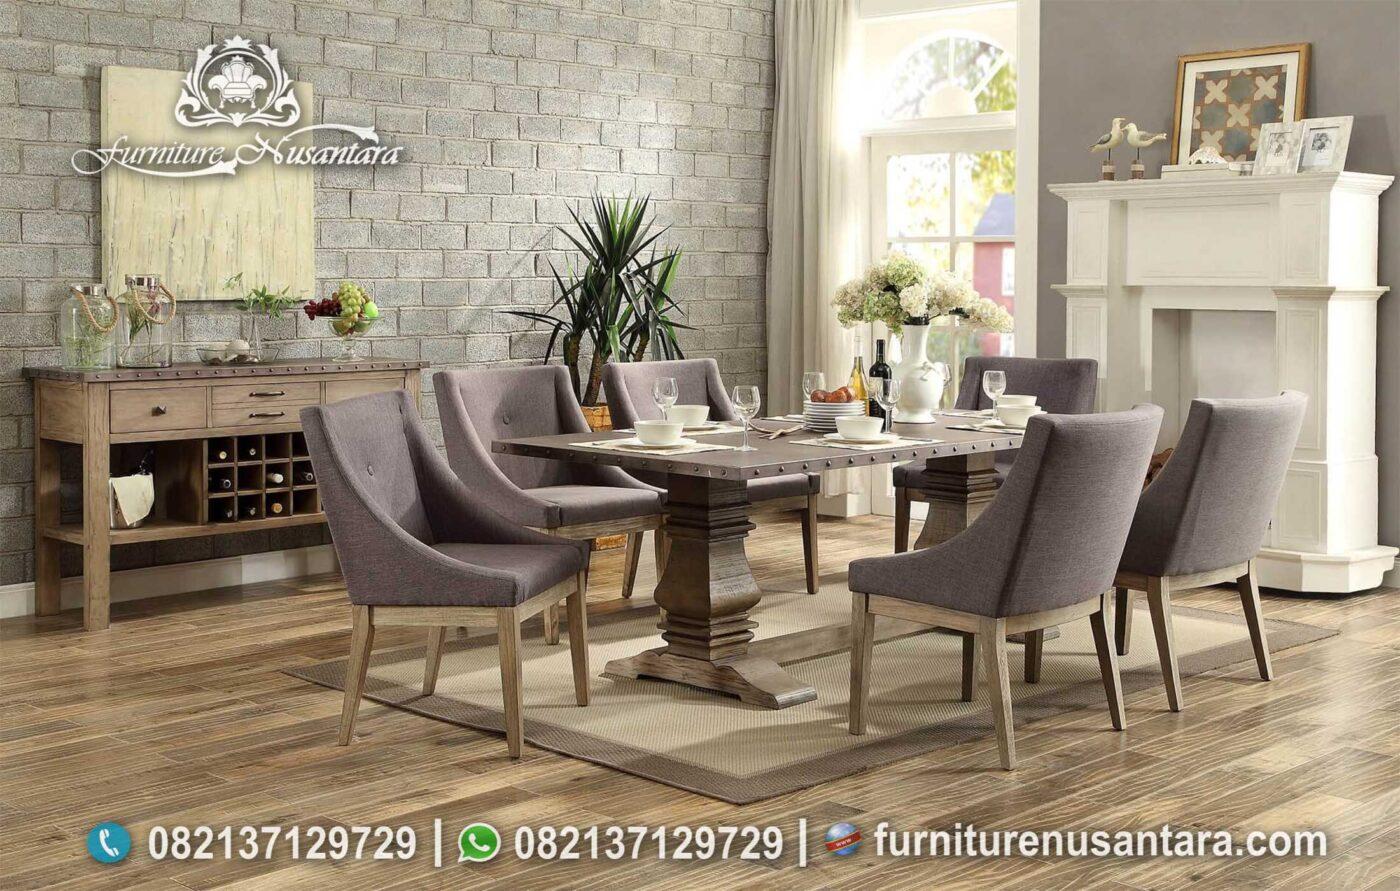 Set Kursi Meja Makan Restoran Mewah MM-127, Furniture Nusantara